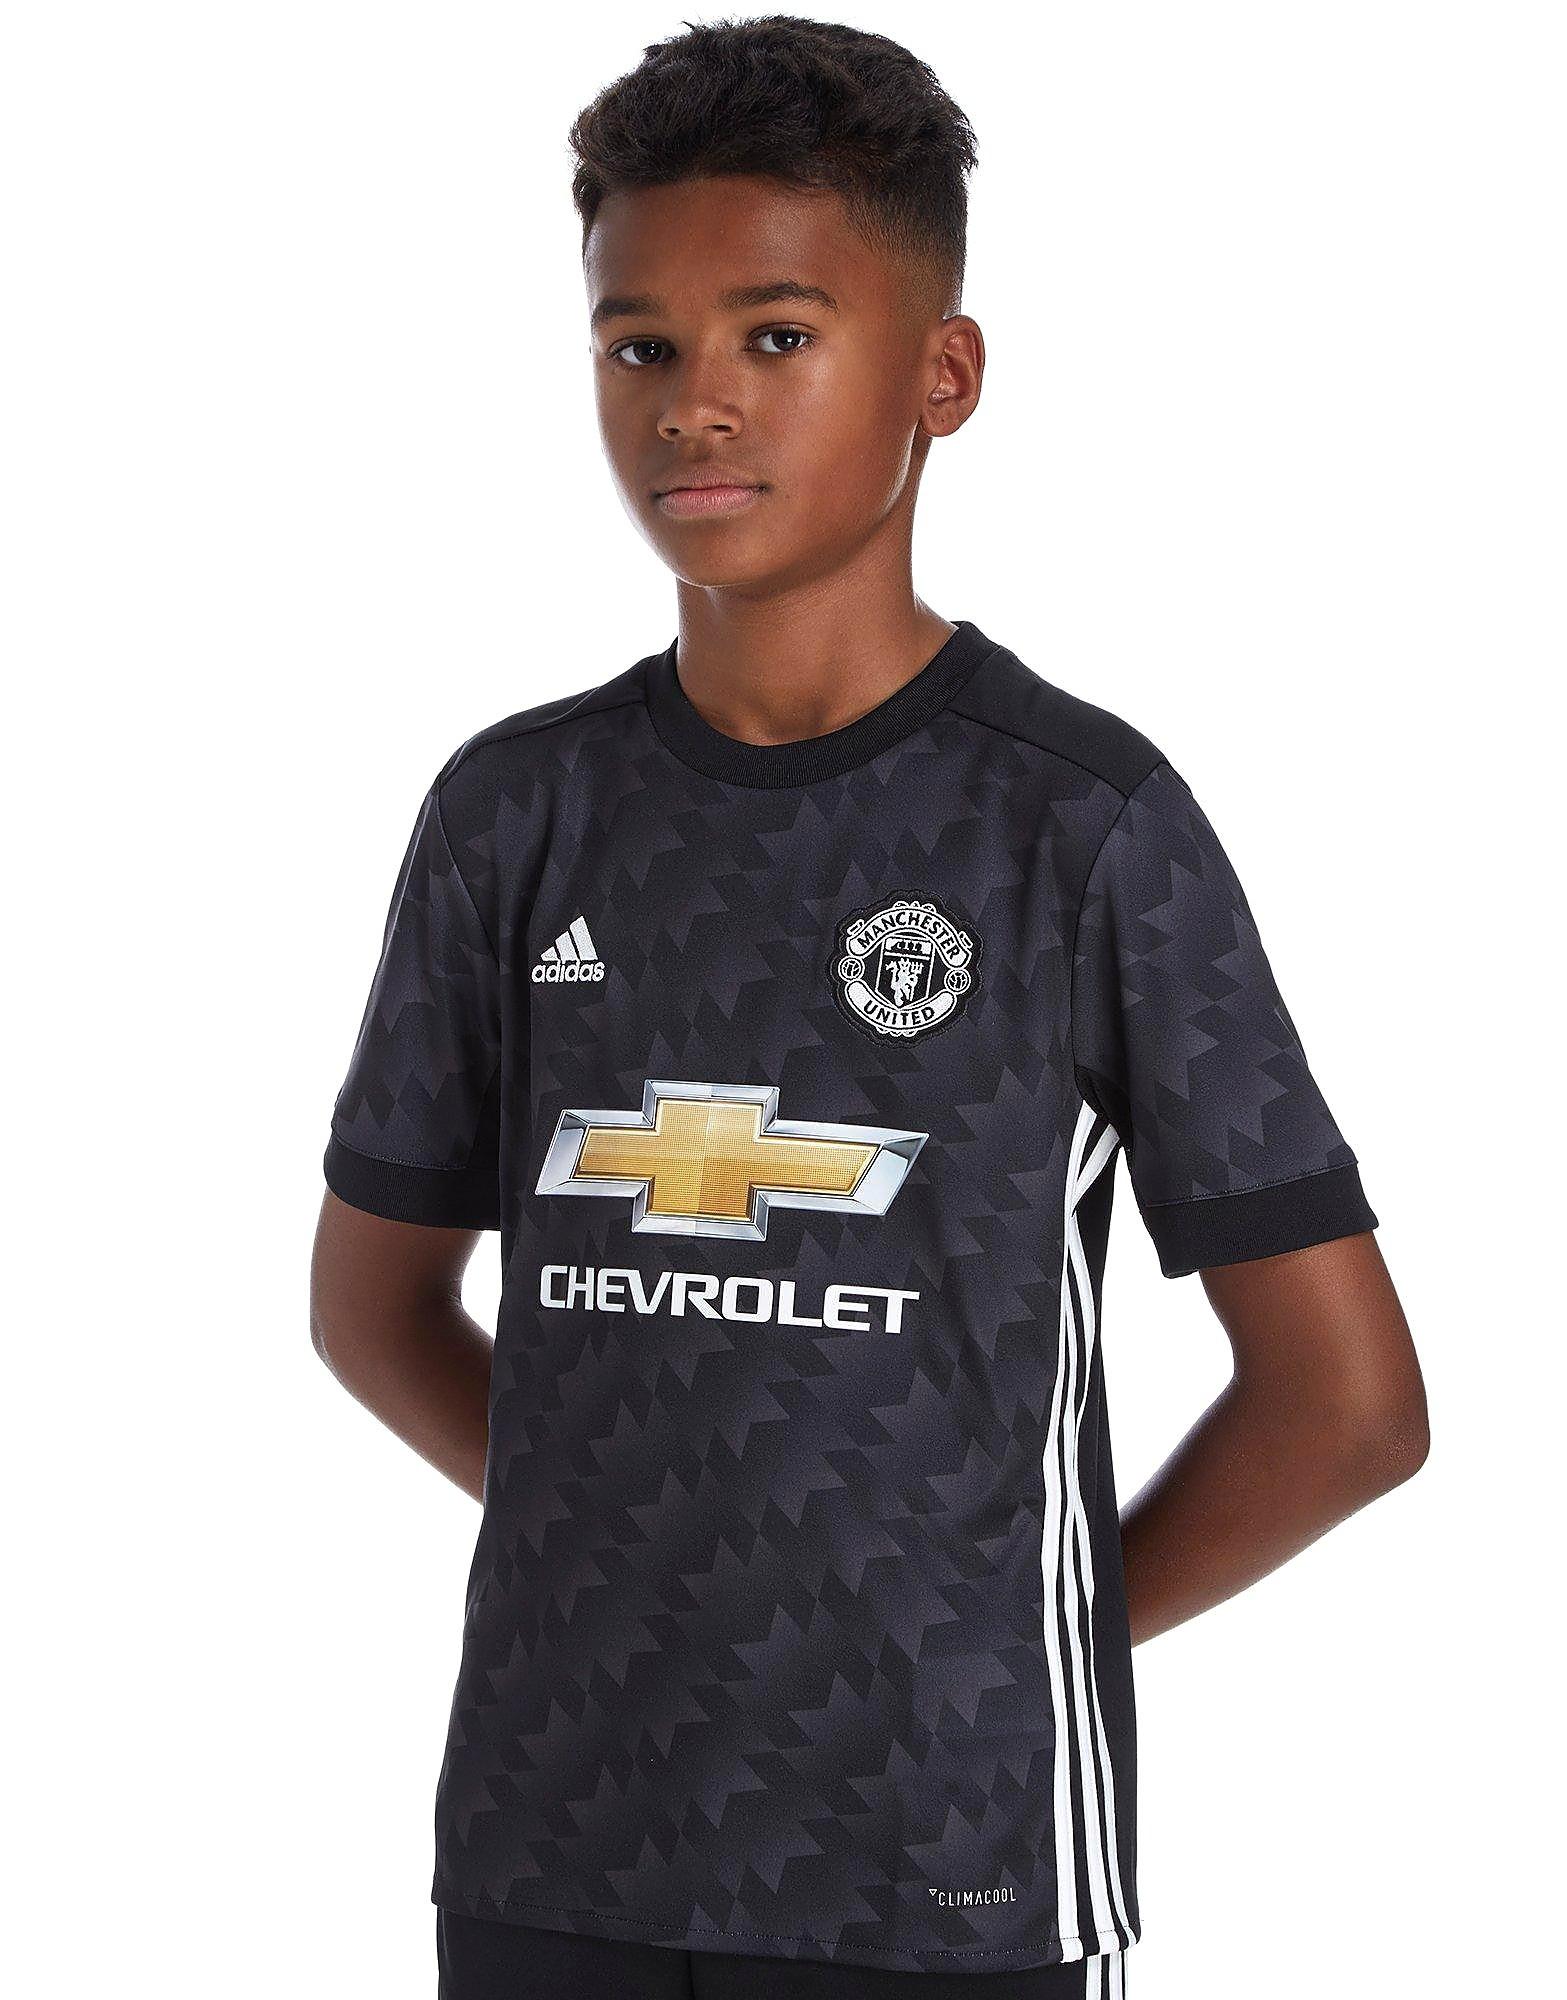 adidas camiseta Manchester United FC 2017 2.ª equipación júnior